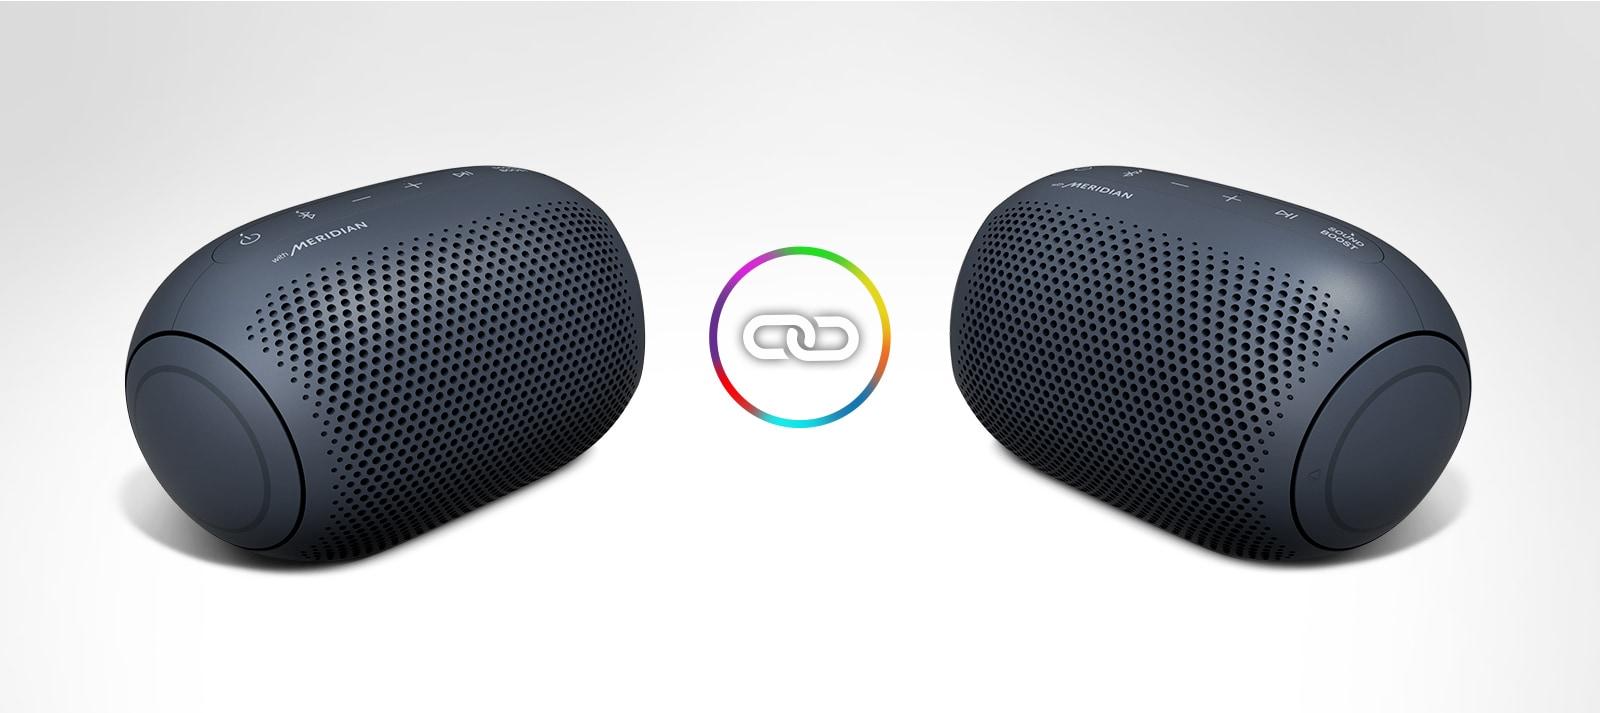 Hai loa LG XBOOM Go được đặt trên nền trắng và có một biểu tượng vòng tròn ở giữa.